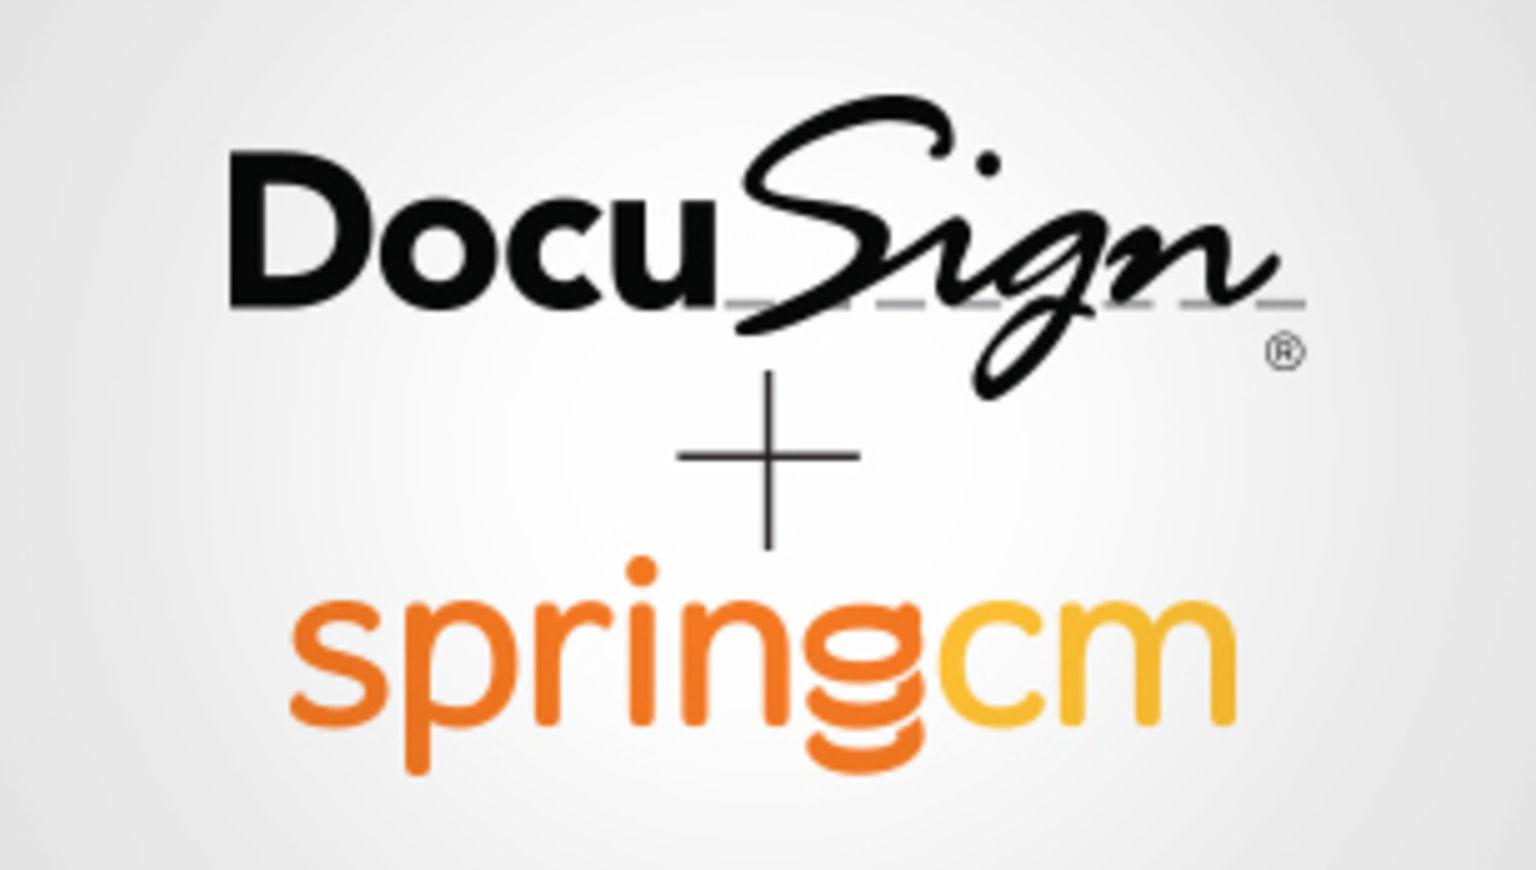 DocuSign unterzeichnet Vereinbarung zur Übernahme von SpringCM